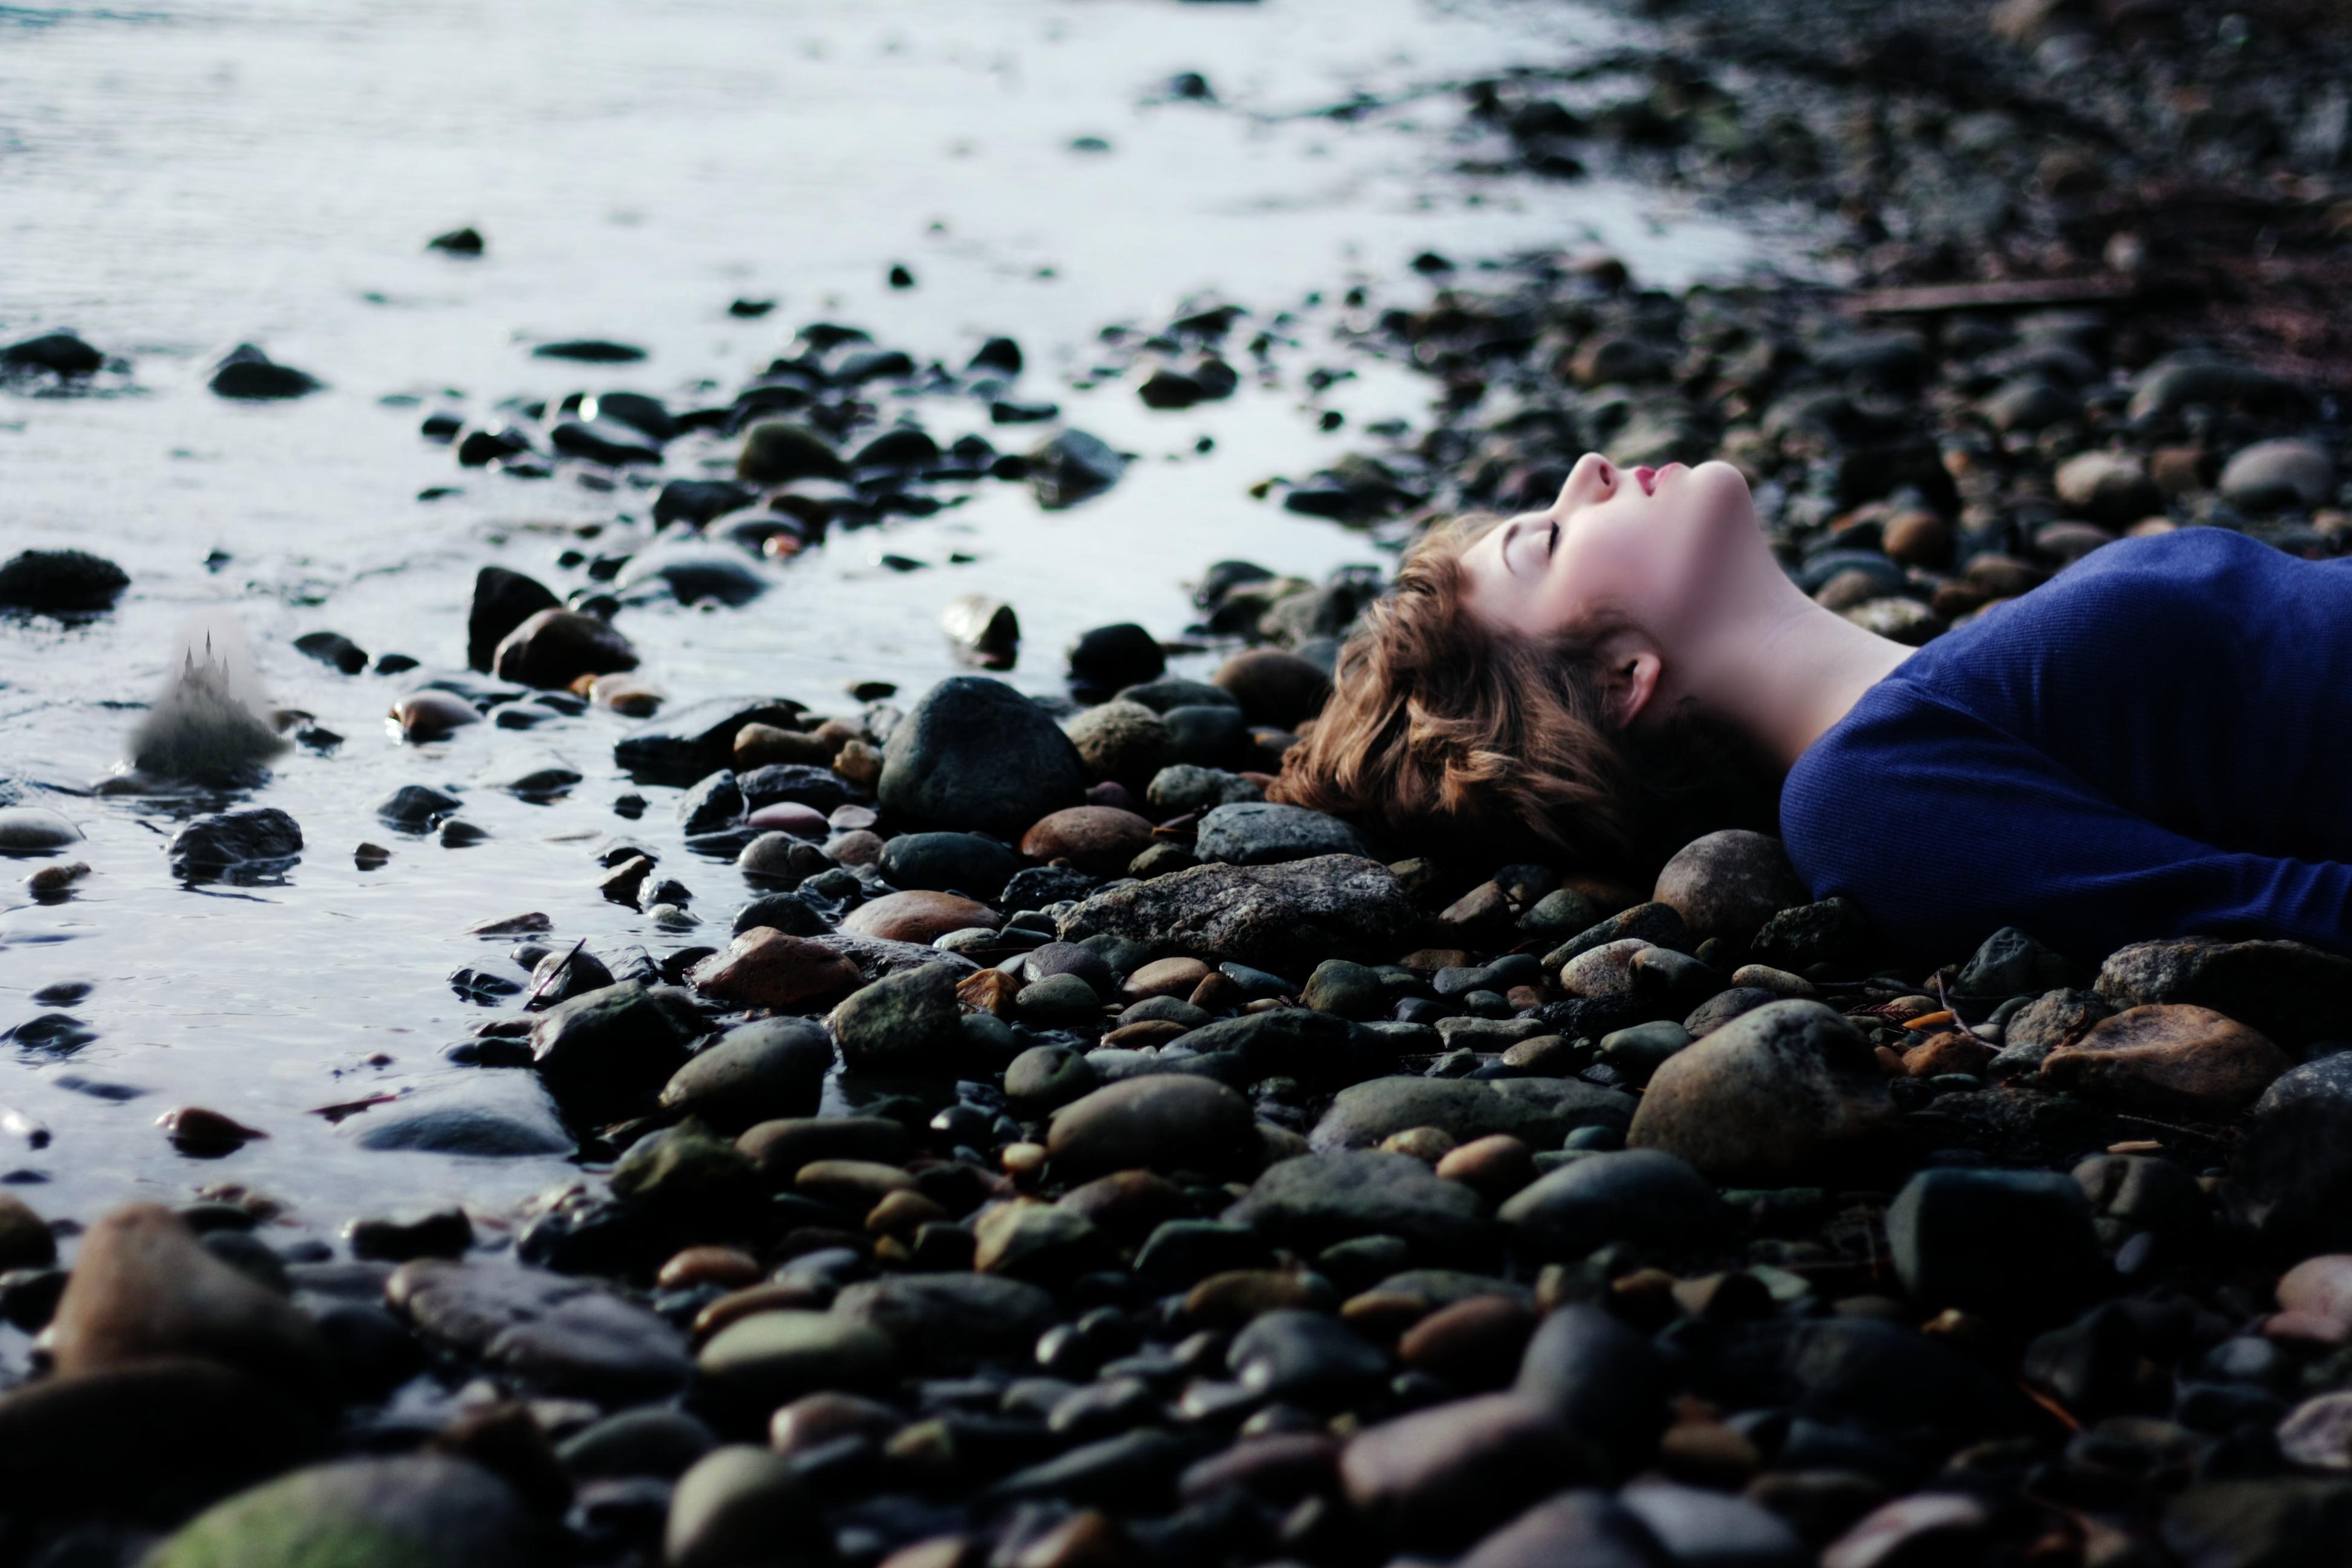 замечательный, эффекты на фото при фотографировании моря нем